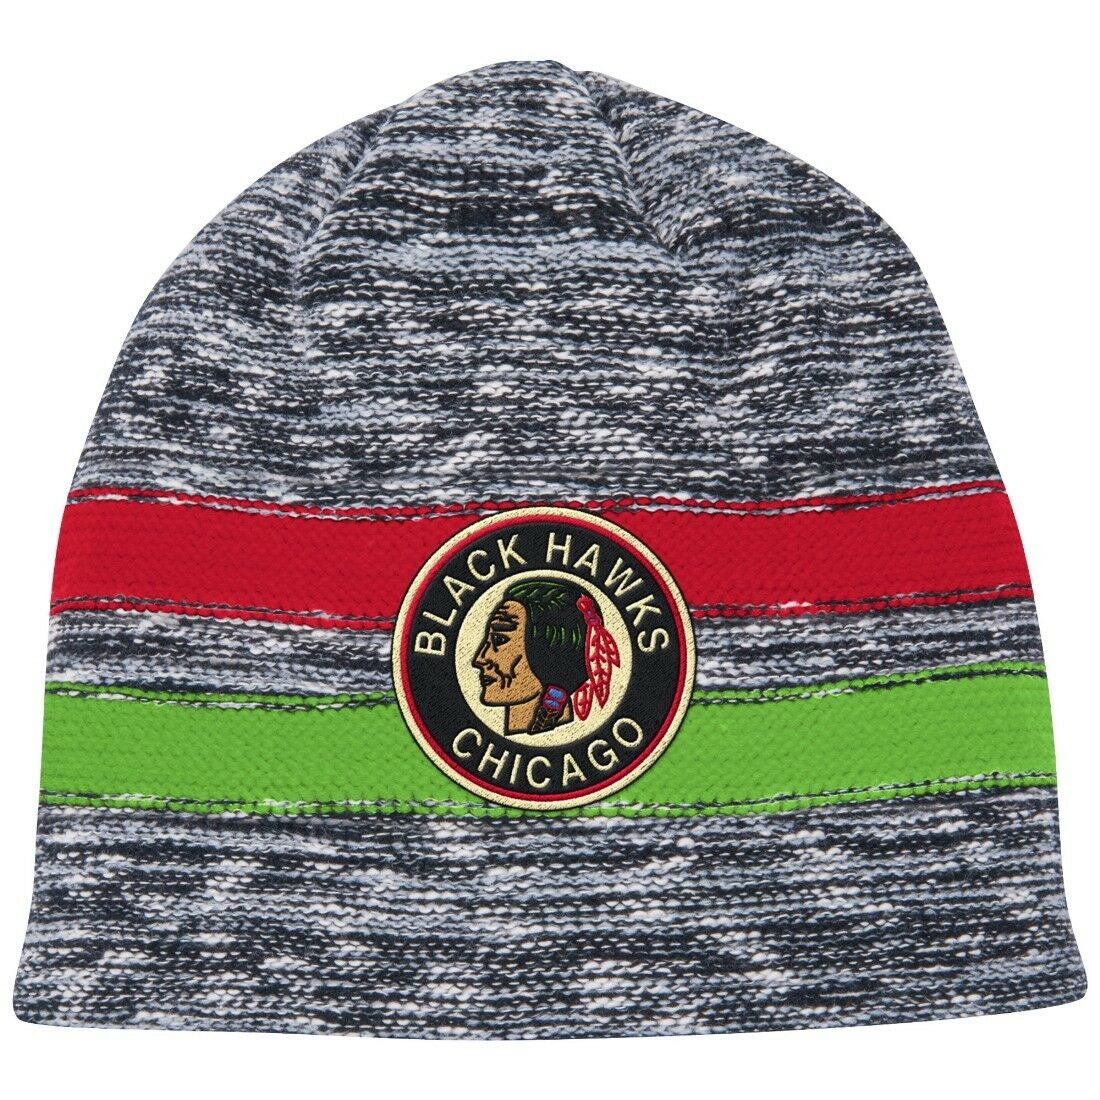 buy popular db10a ab141 ... uk mitchell ness chicago blackhawks knit hat nhl ebay 1ce86 1d505